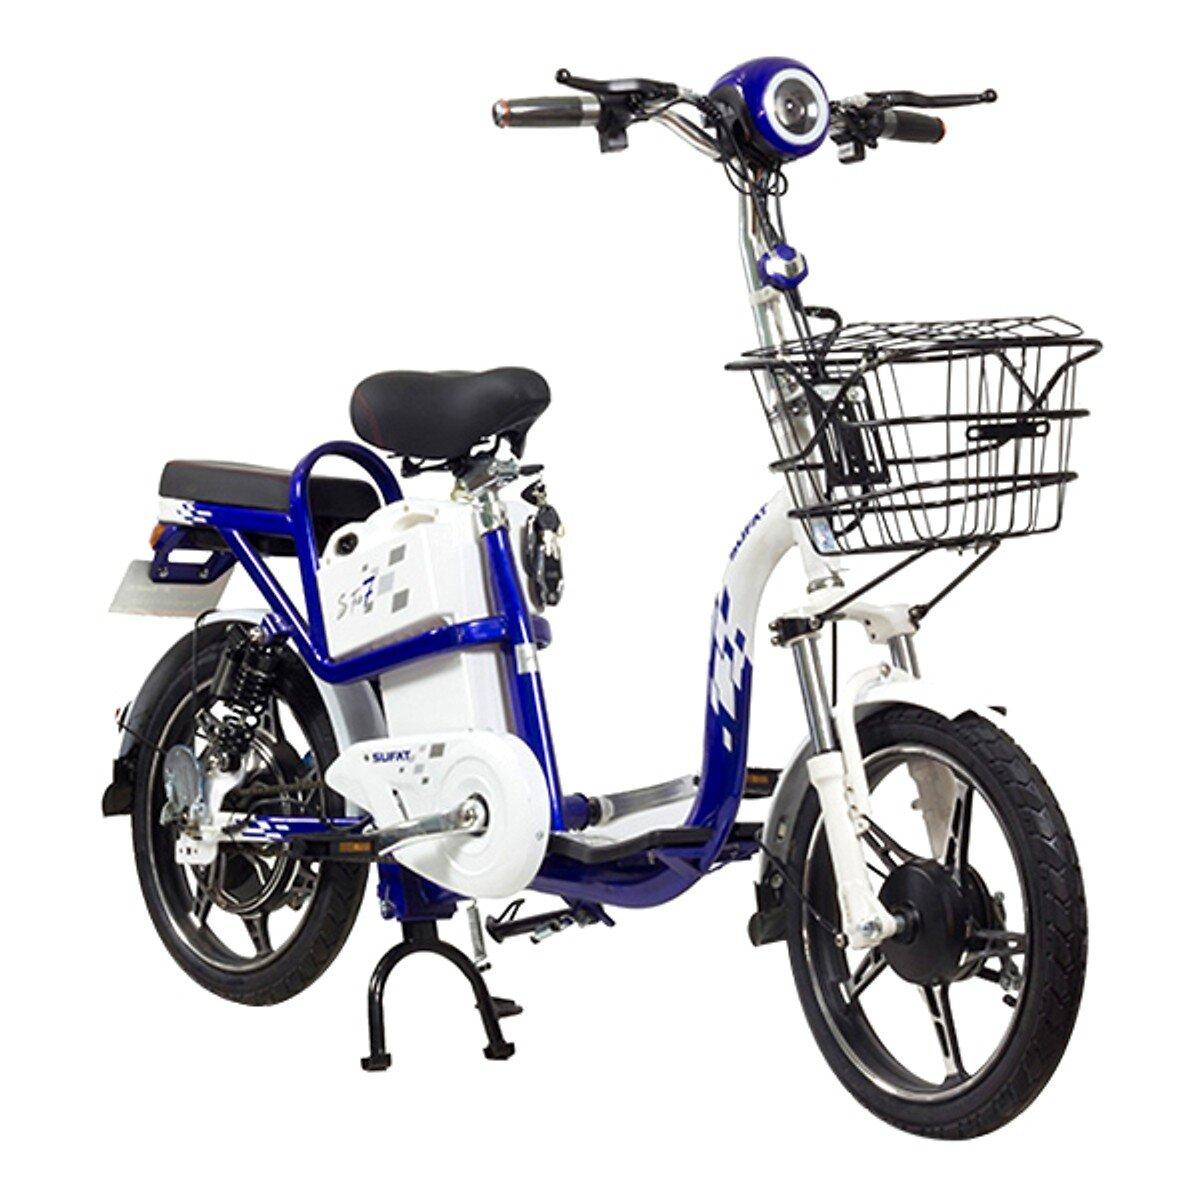 Xe đạp điện giúp tiết kiệm chi phí và bảo vệ môi trường